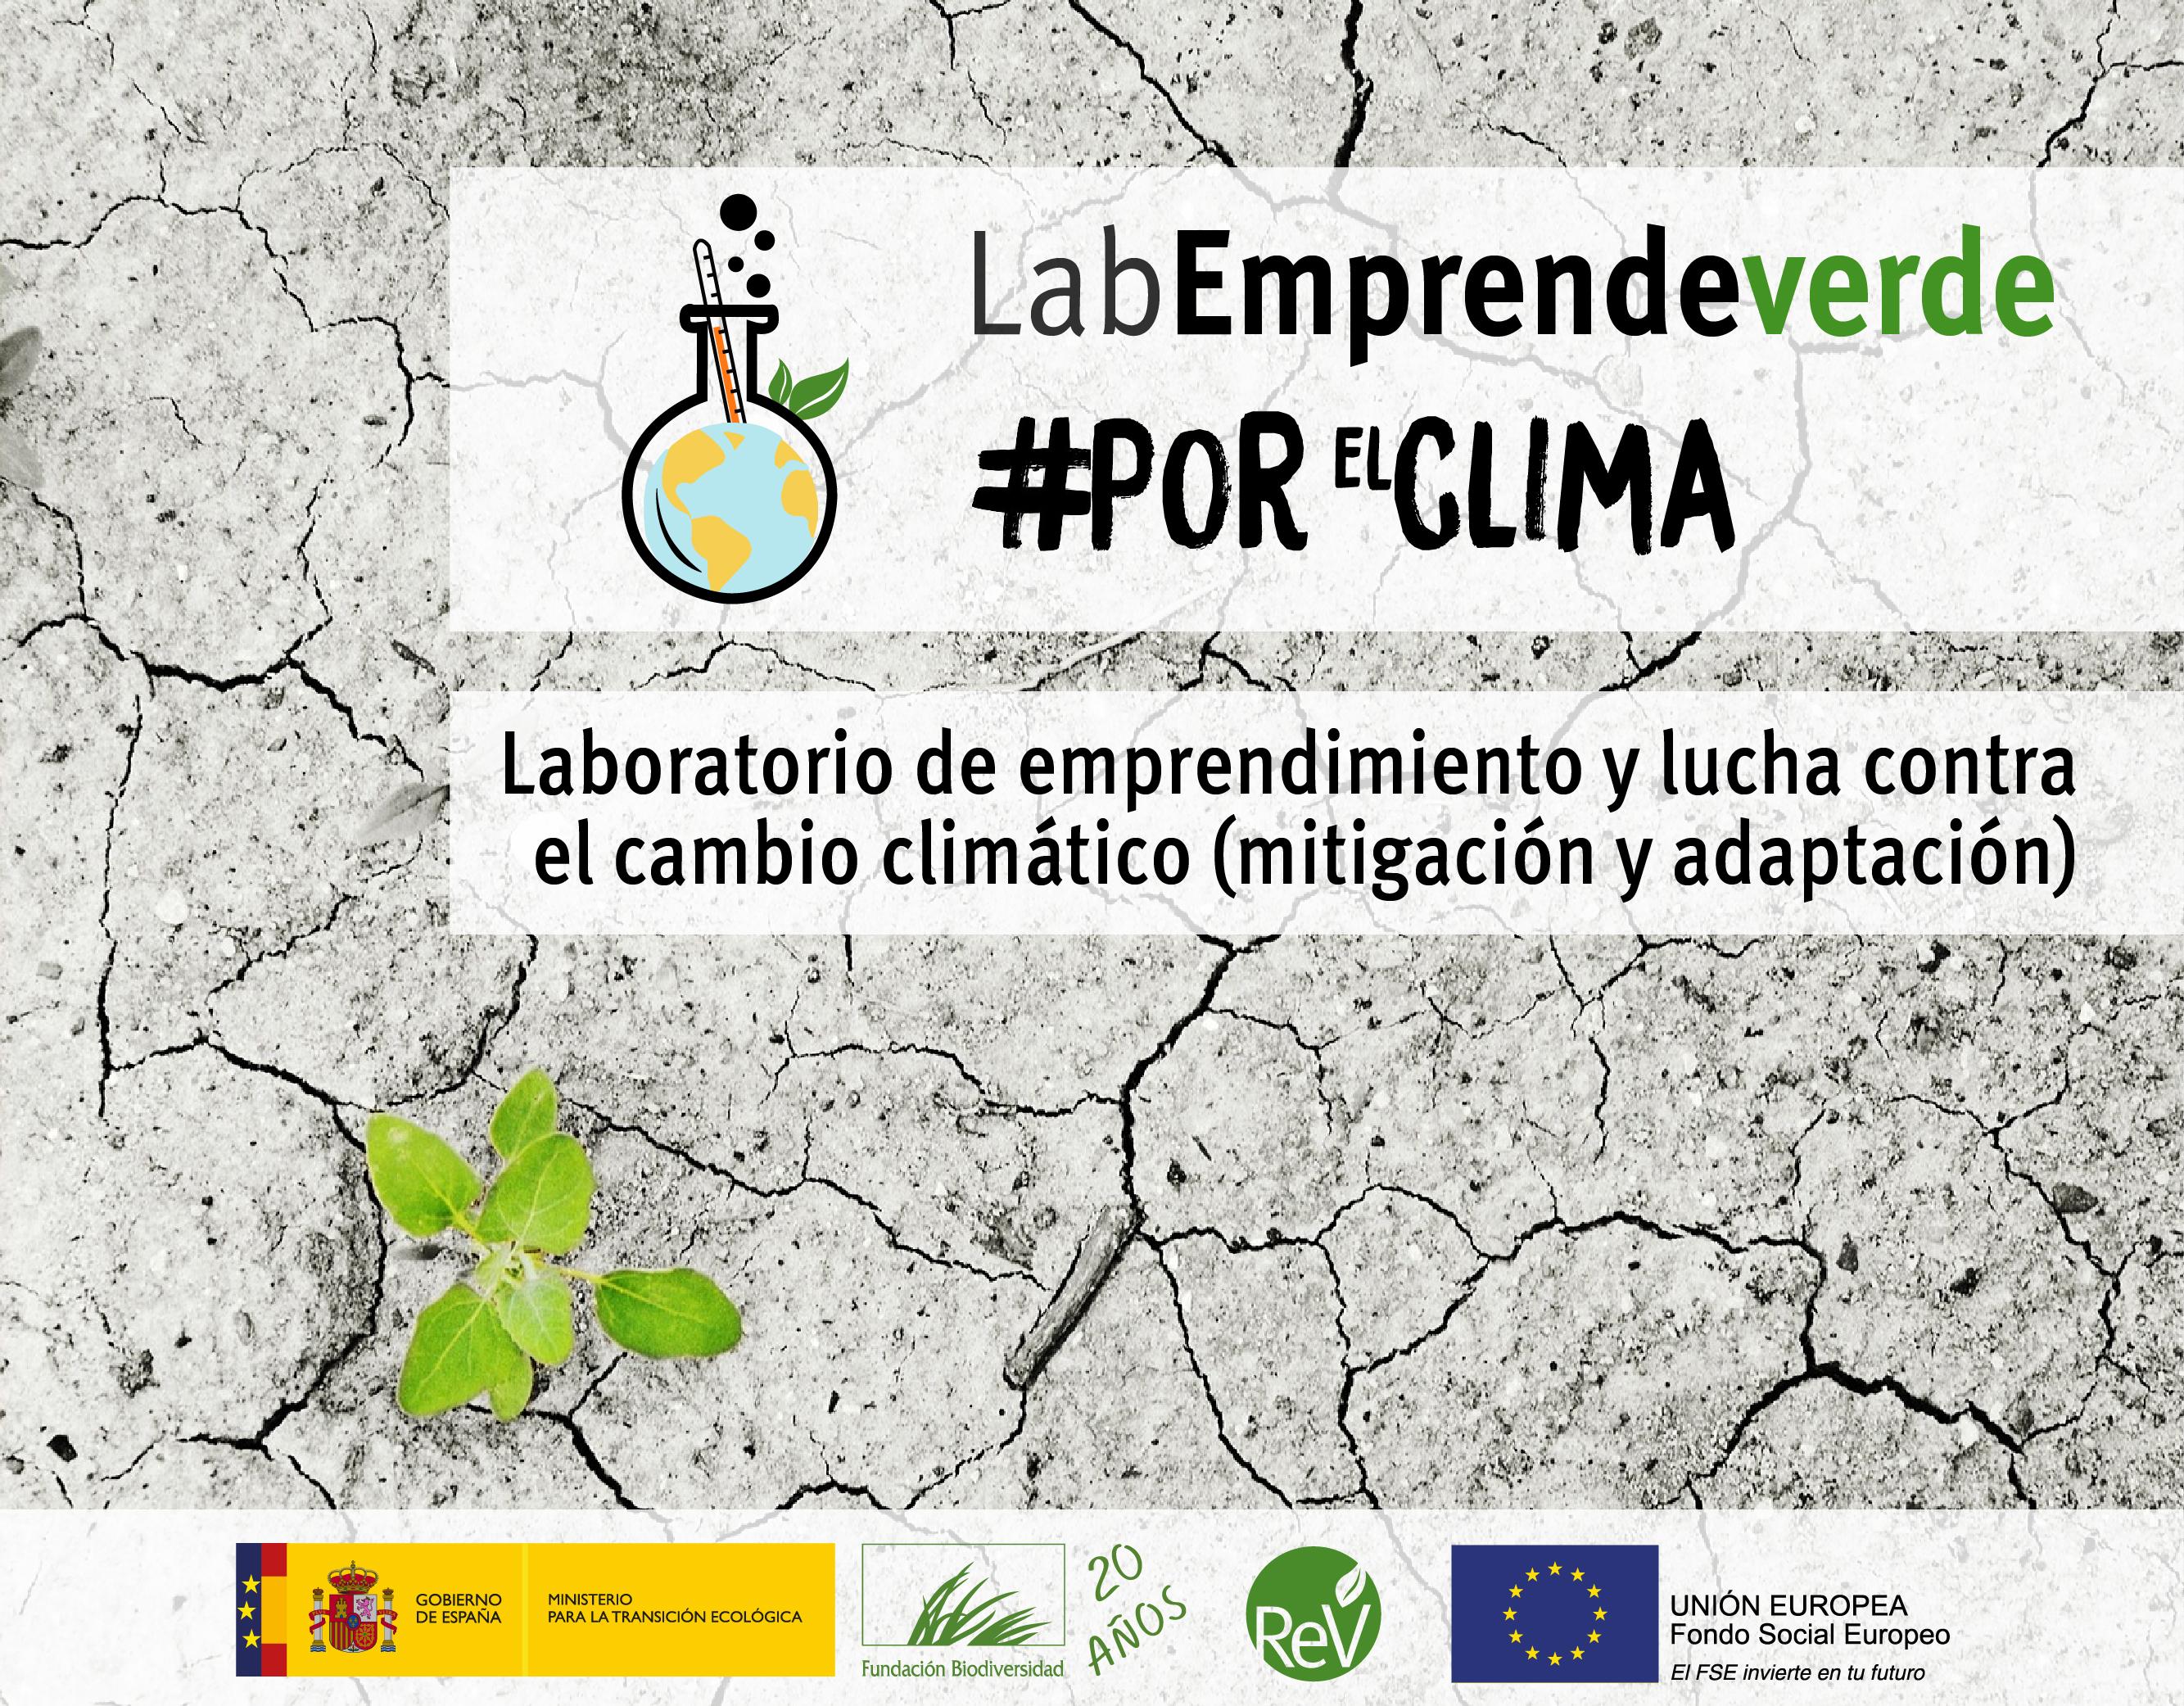 Incríbete hasta el 2 de diciembre en Lab Emprendeverde #PorElClima